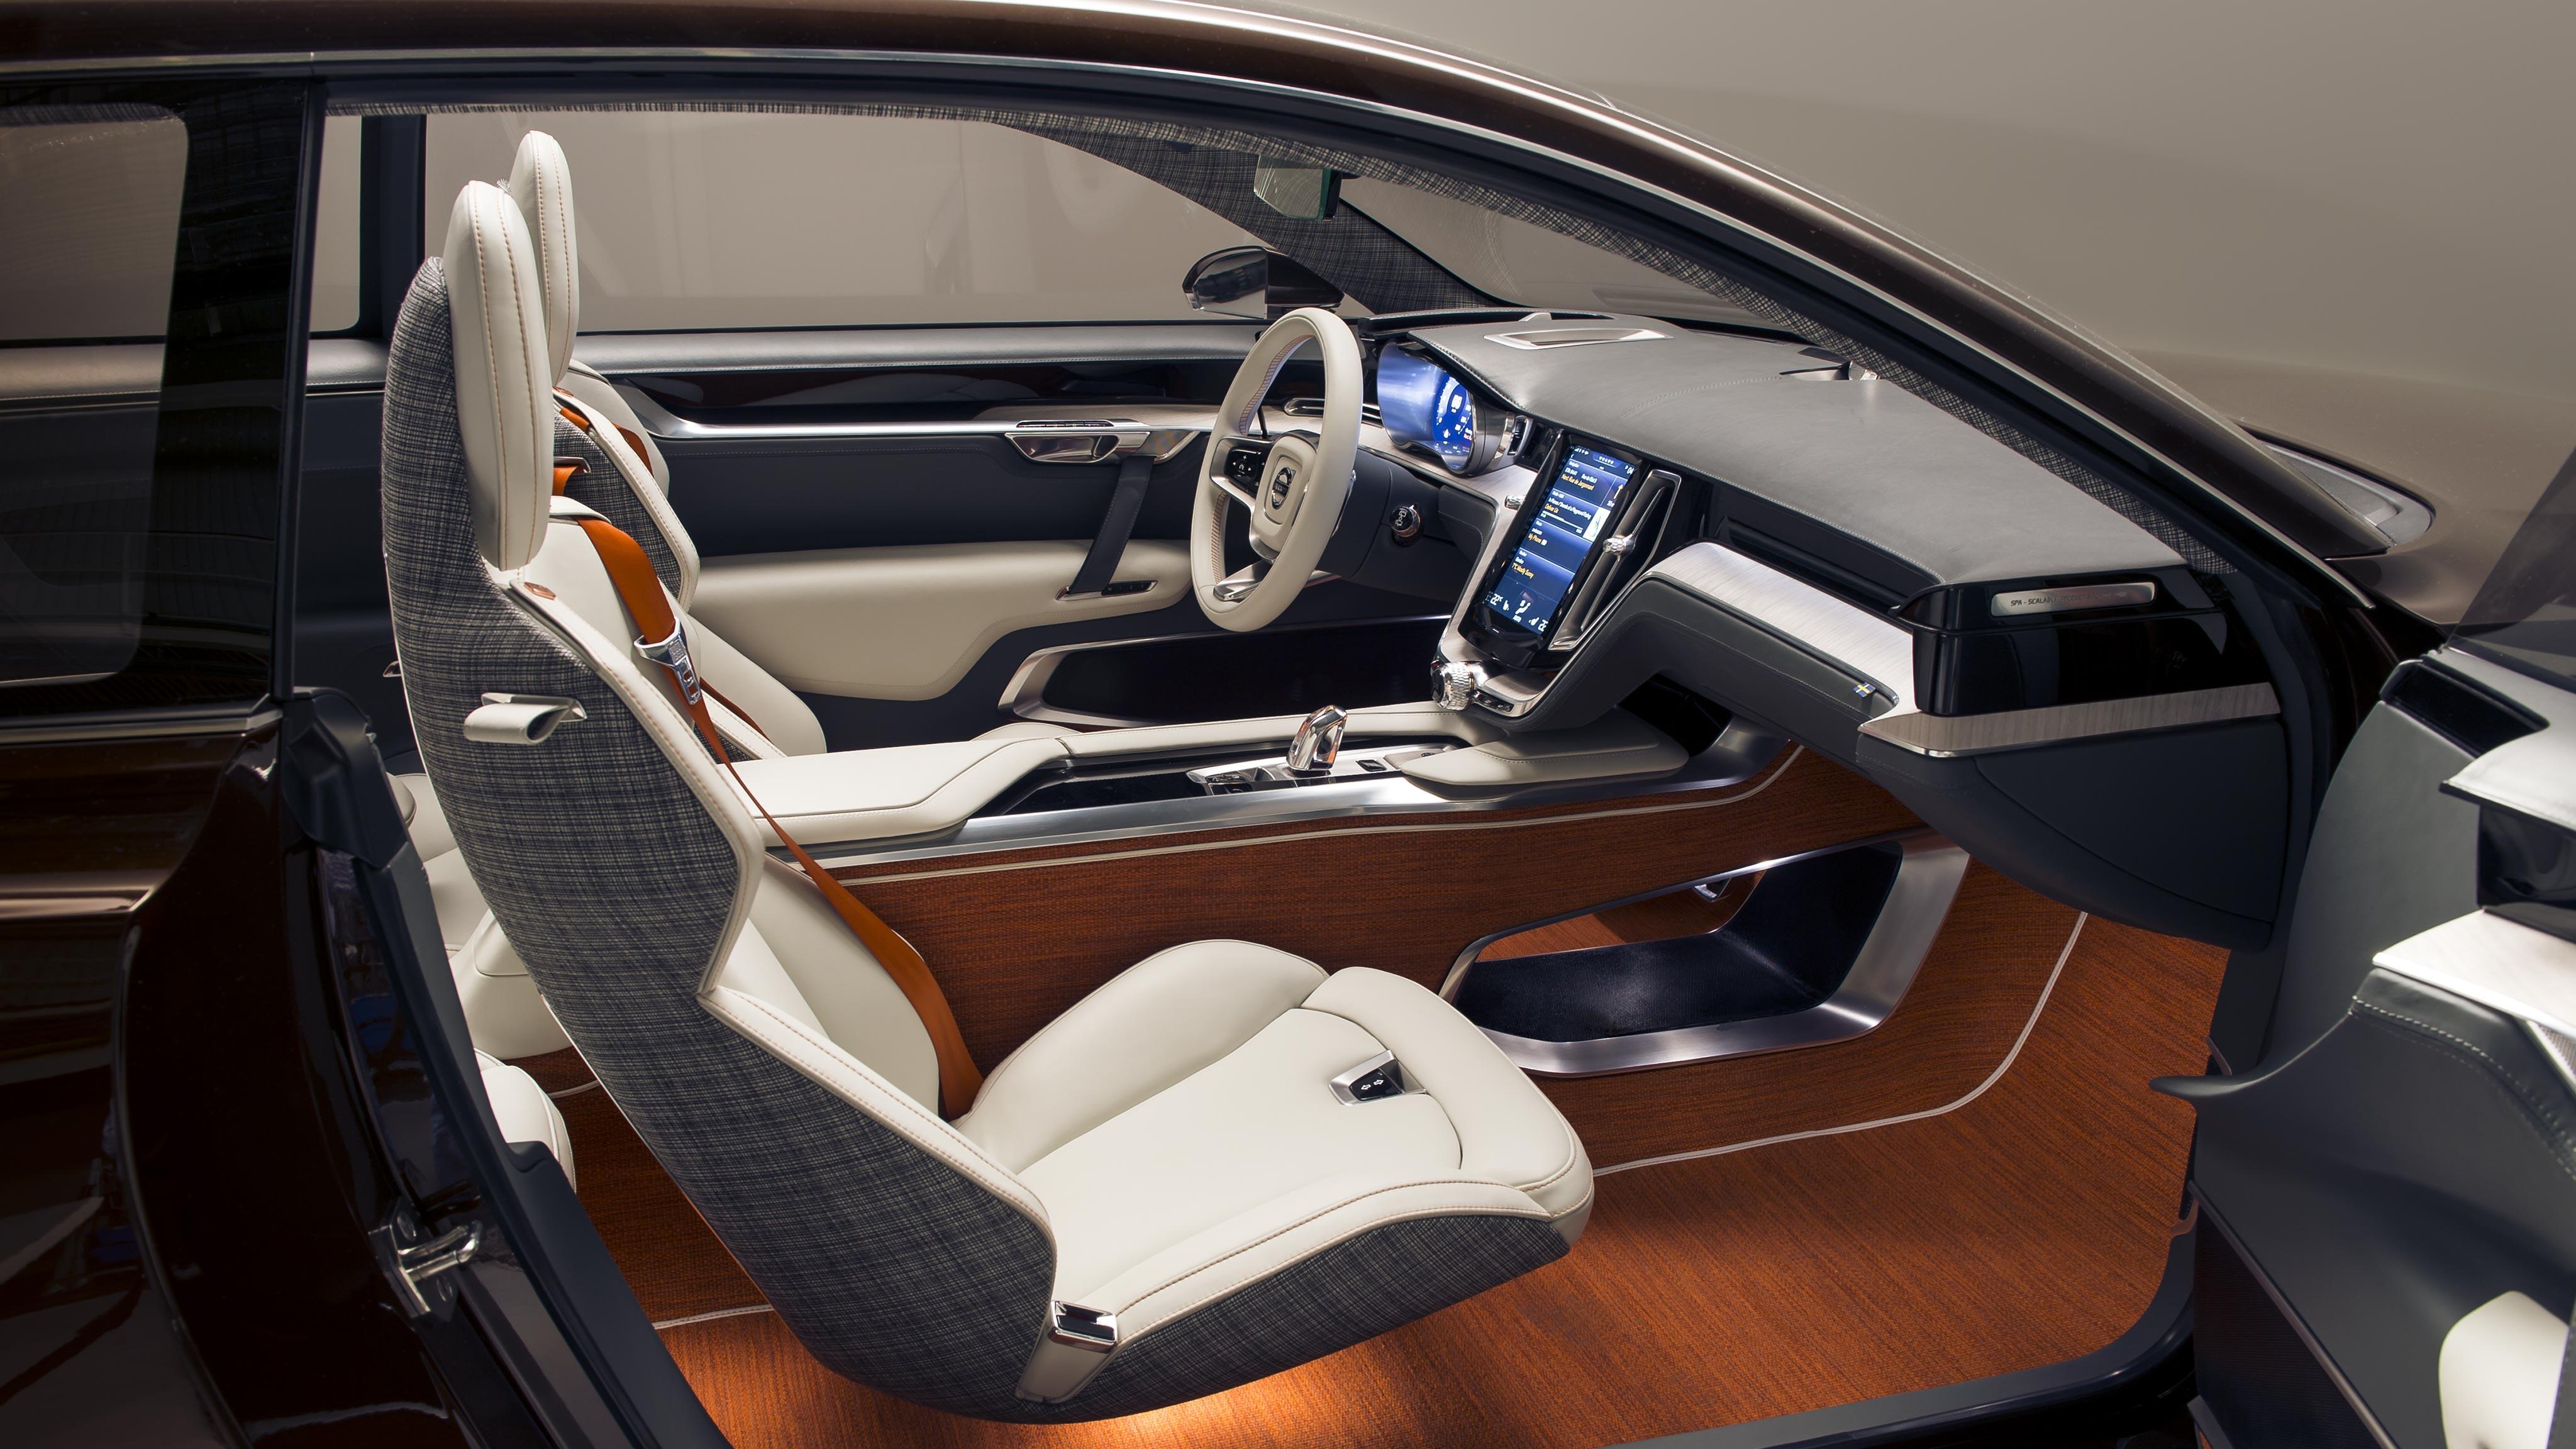 Volvo Concept Cars - The Estate | Volvo Cars